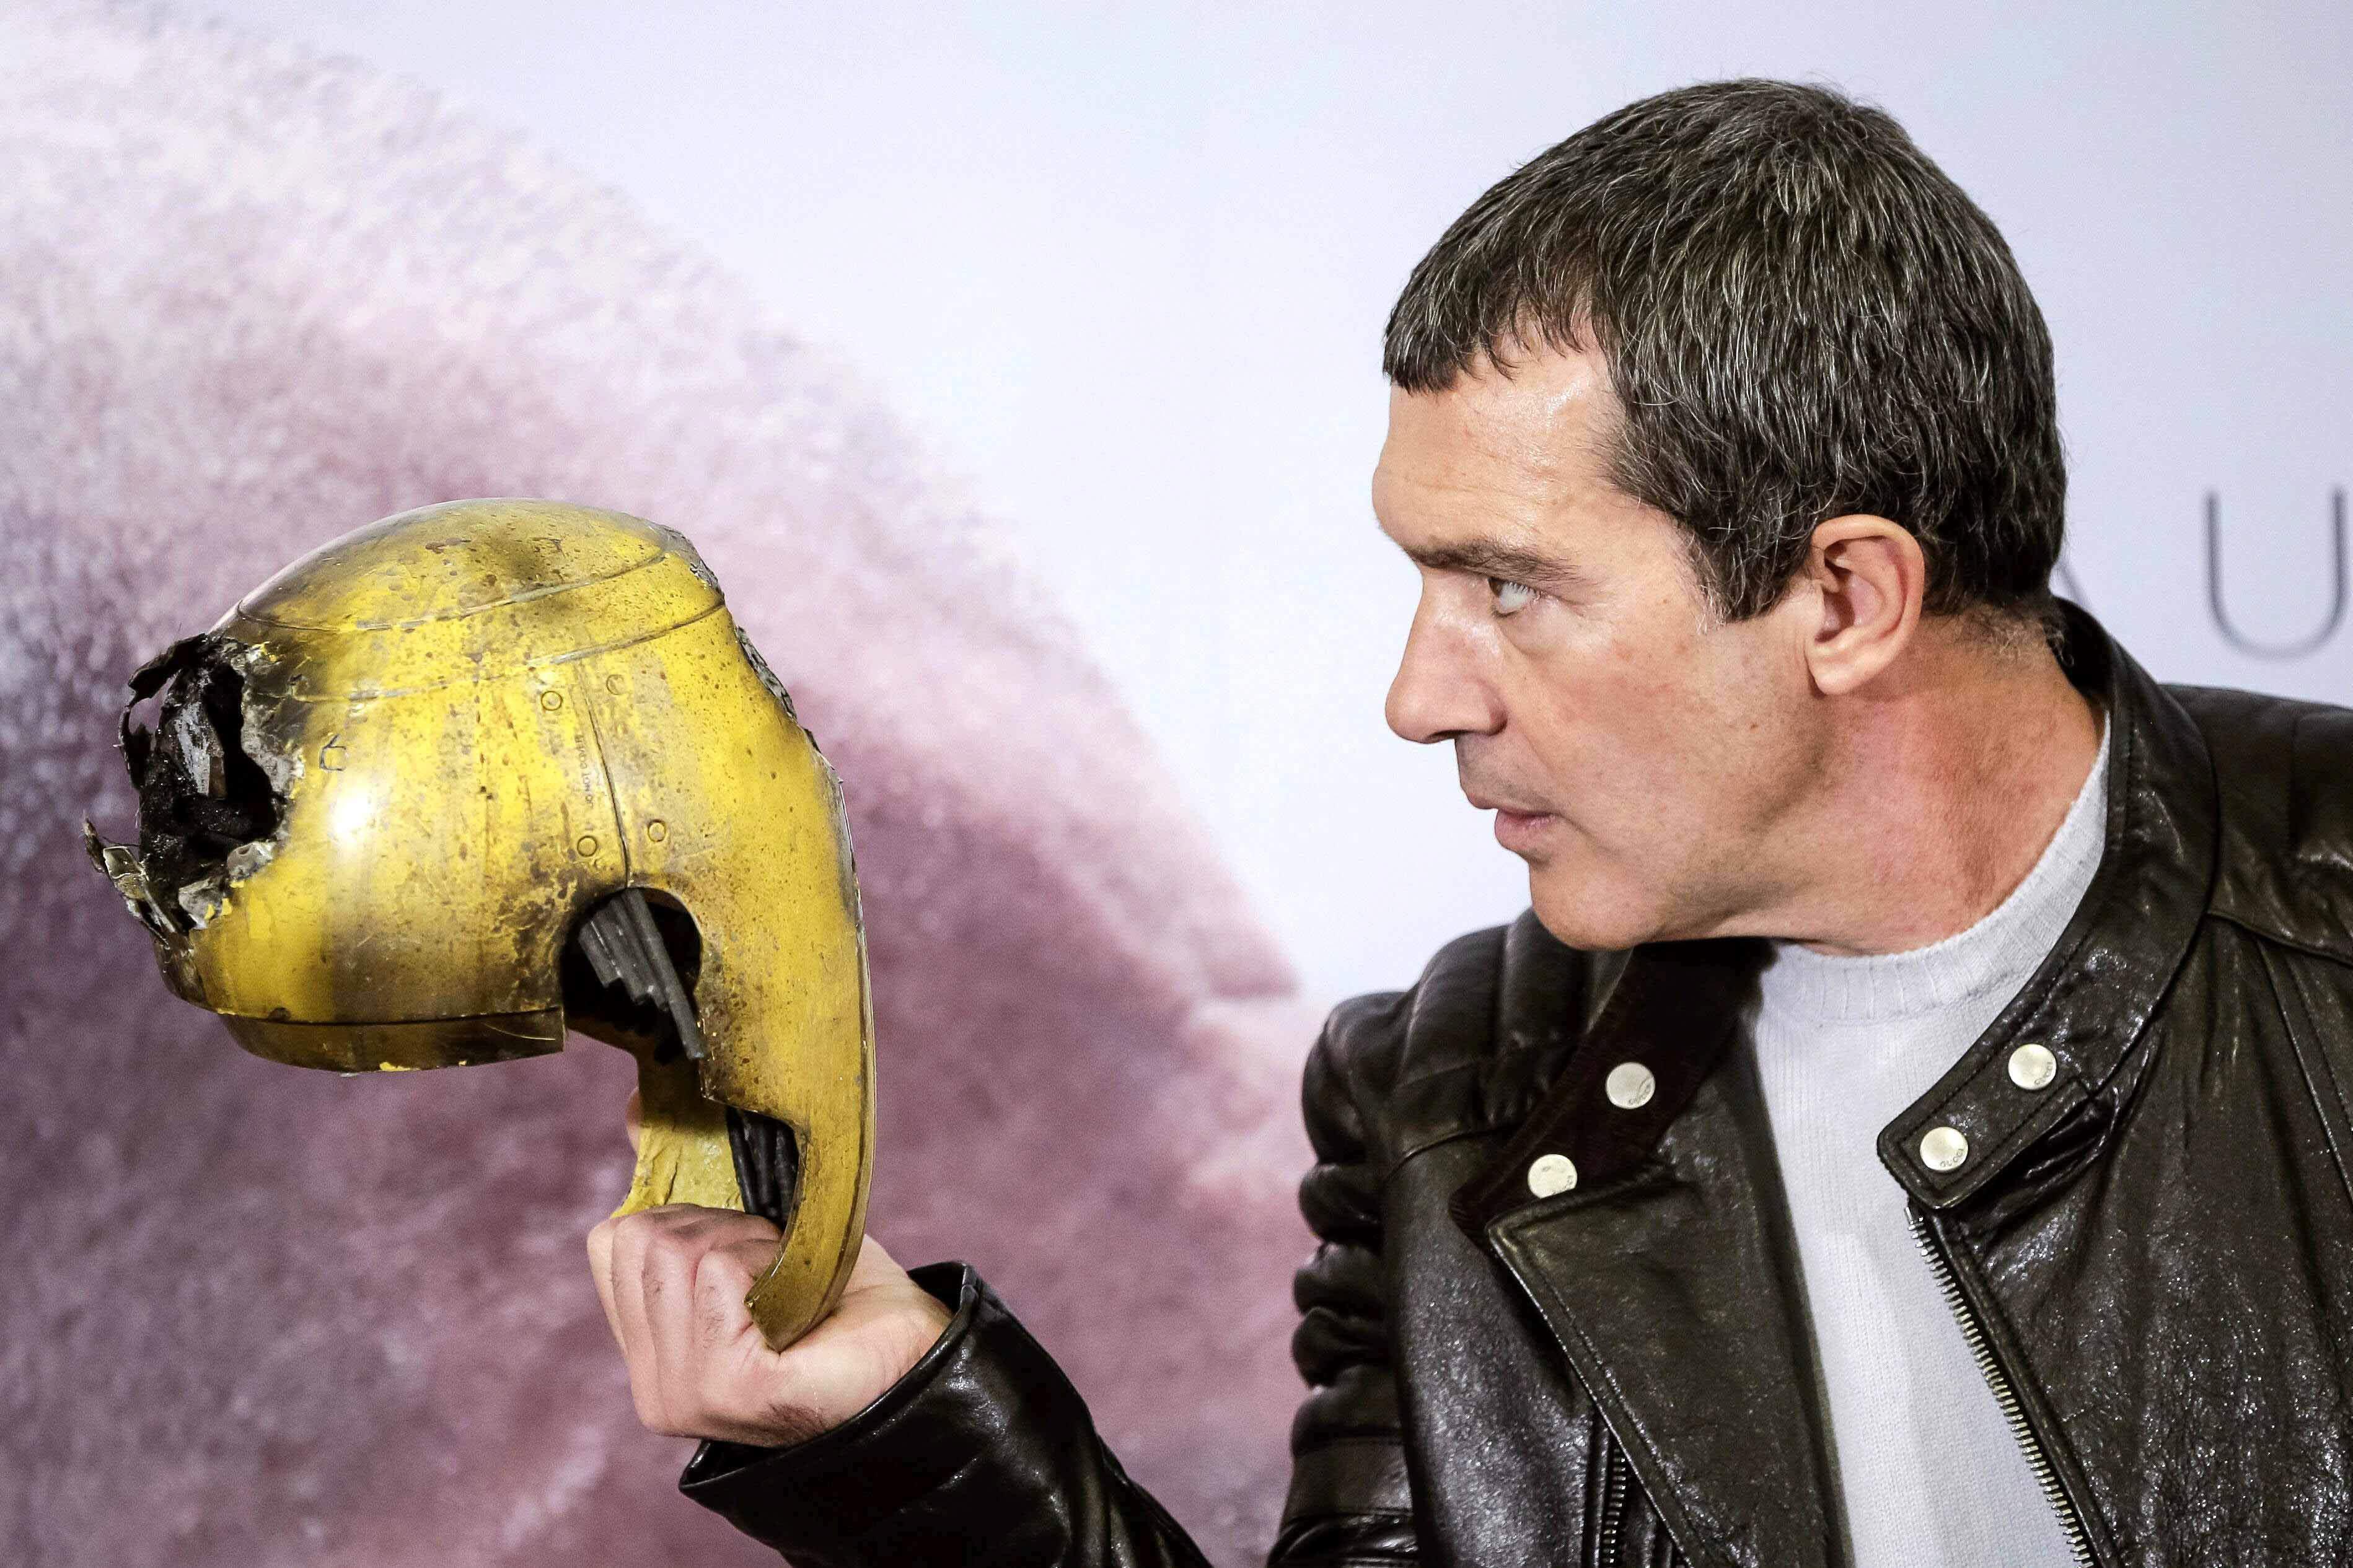 El actor Antonio Banderas, frente a una máscara de robot del filme Autómata. / Emilio Naranjo (Efe)